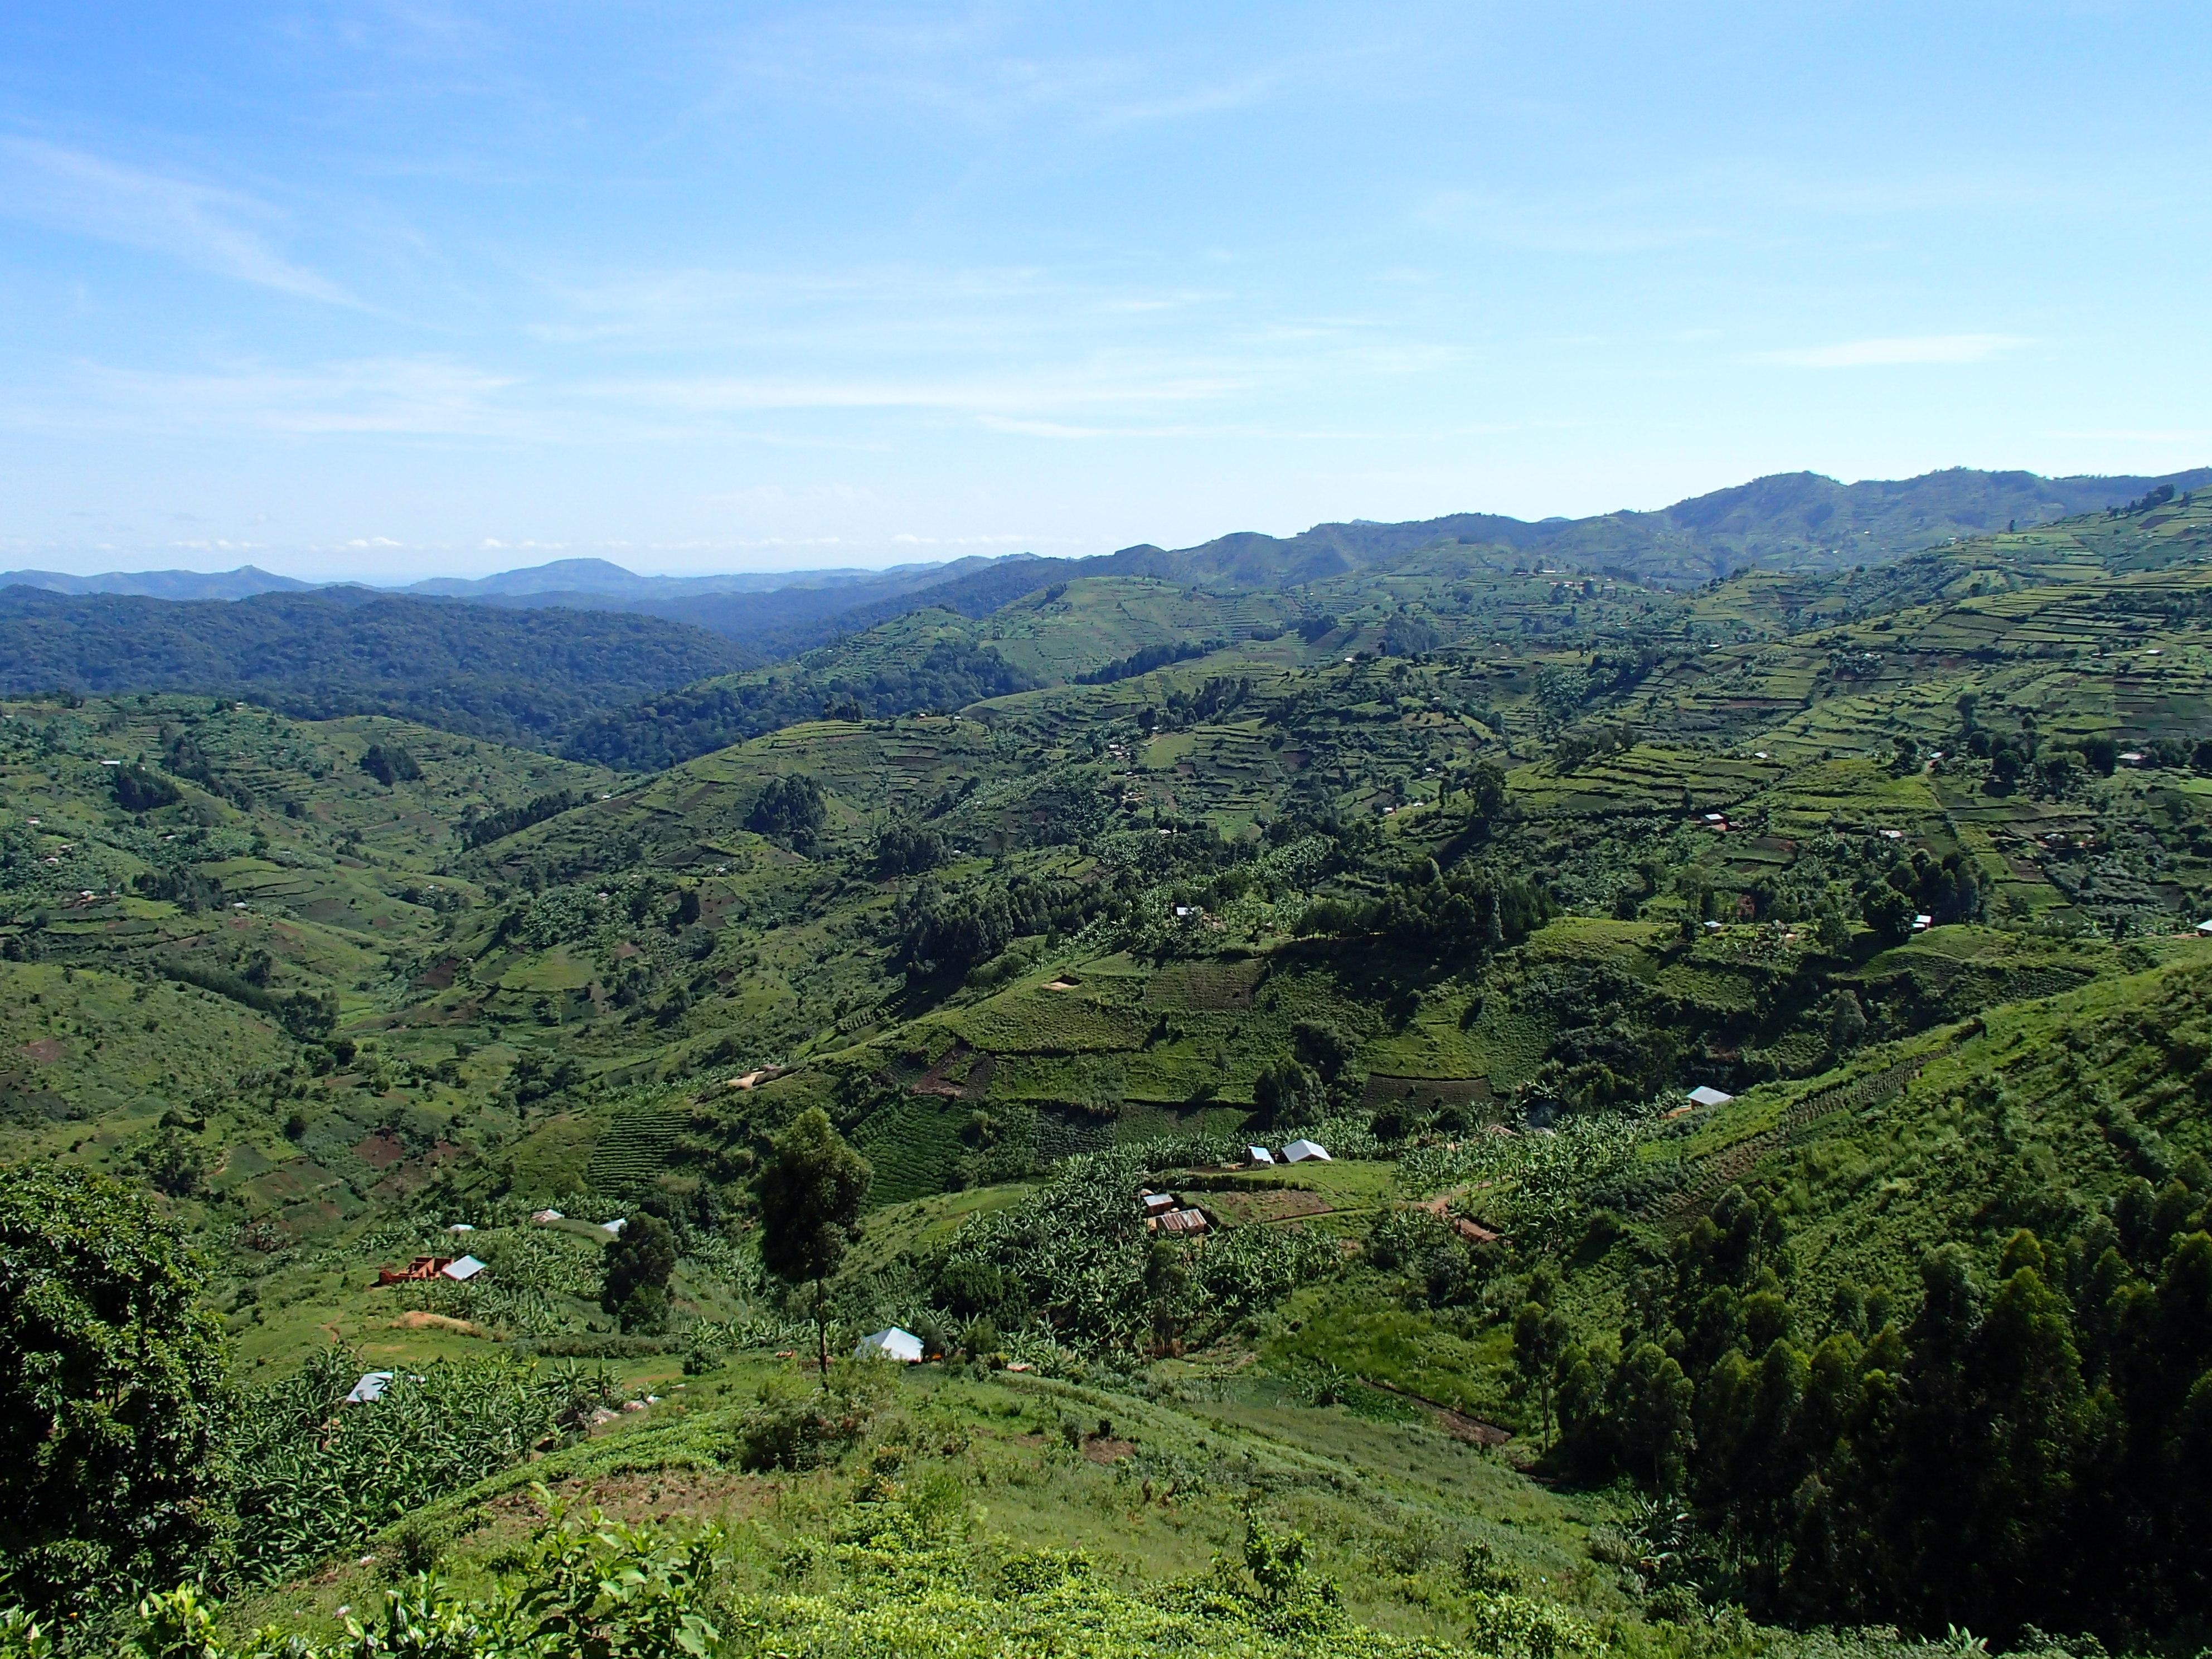 southwestern Uganda